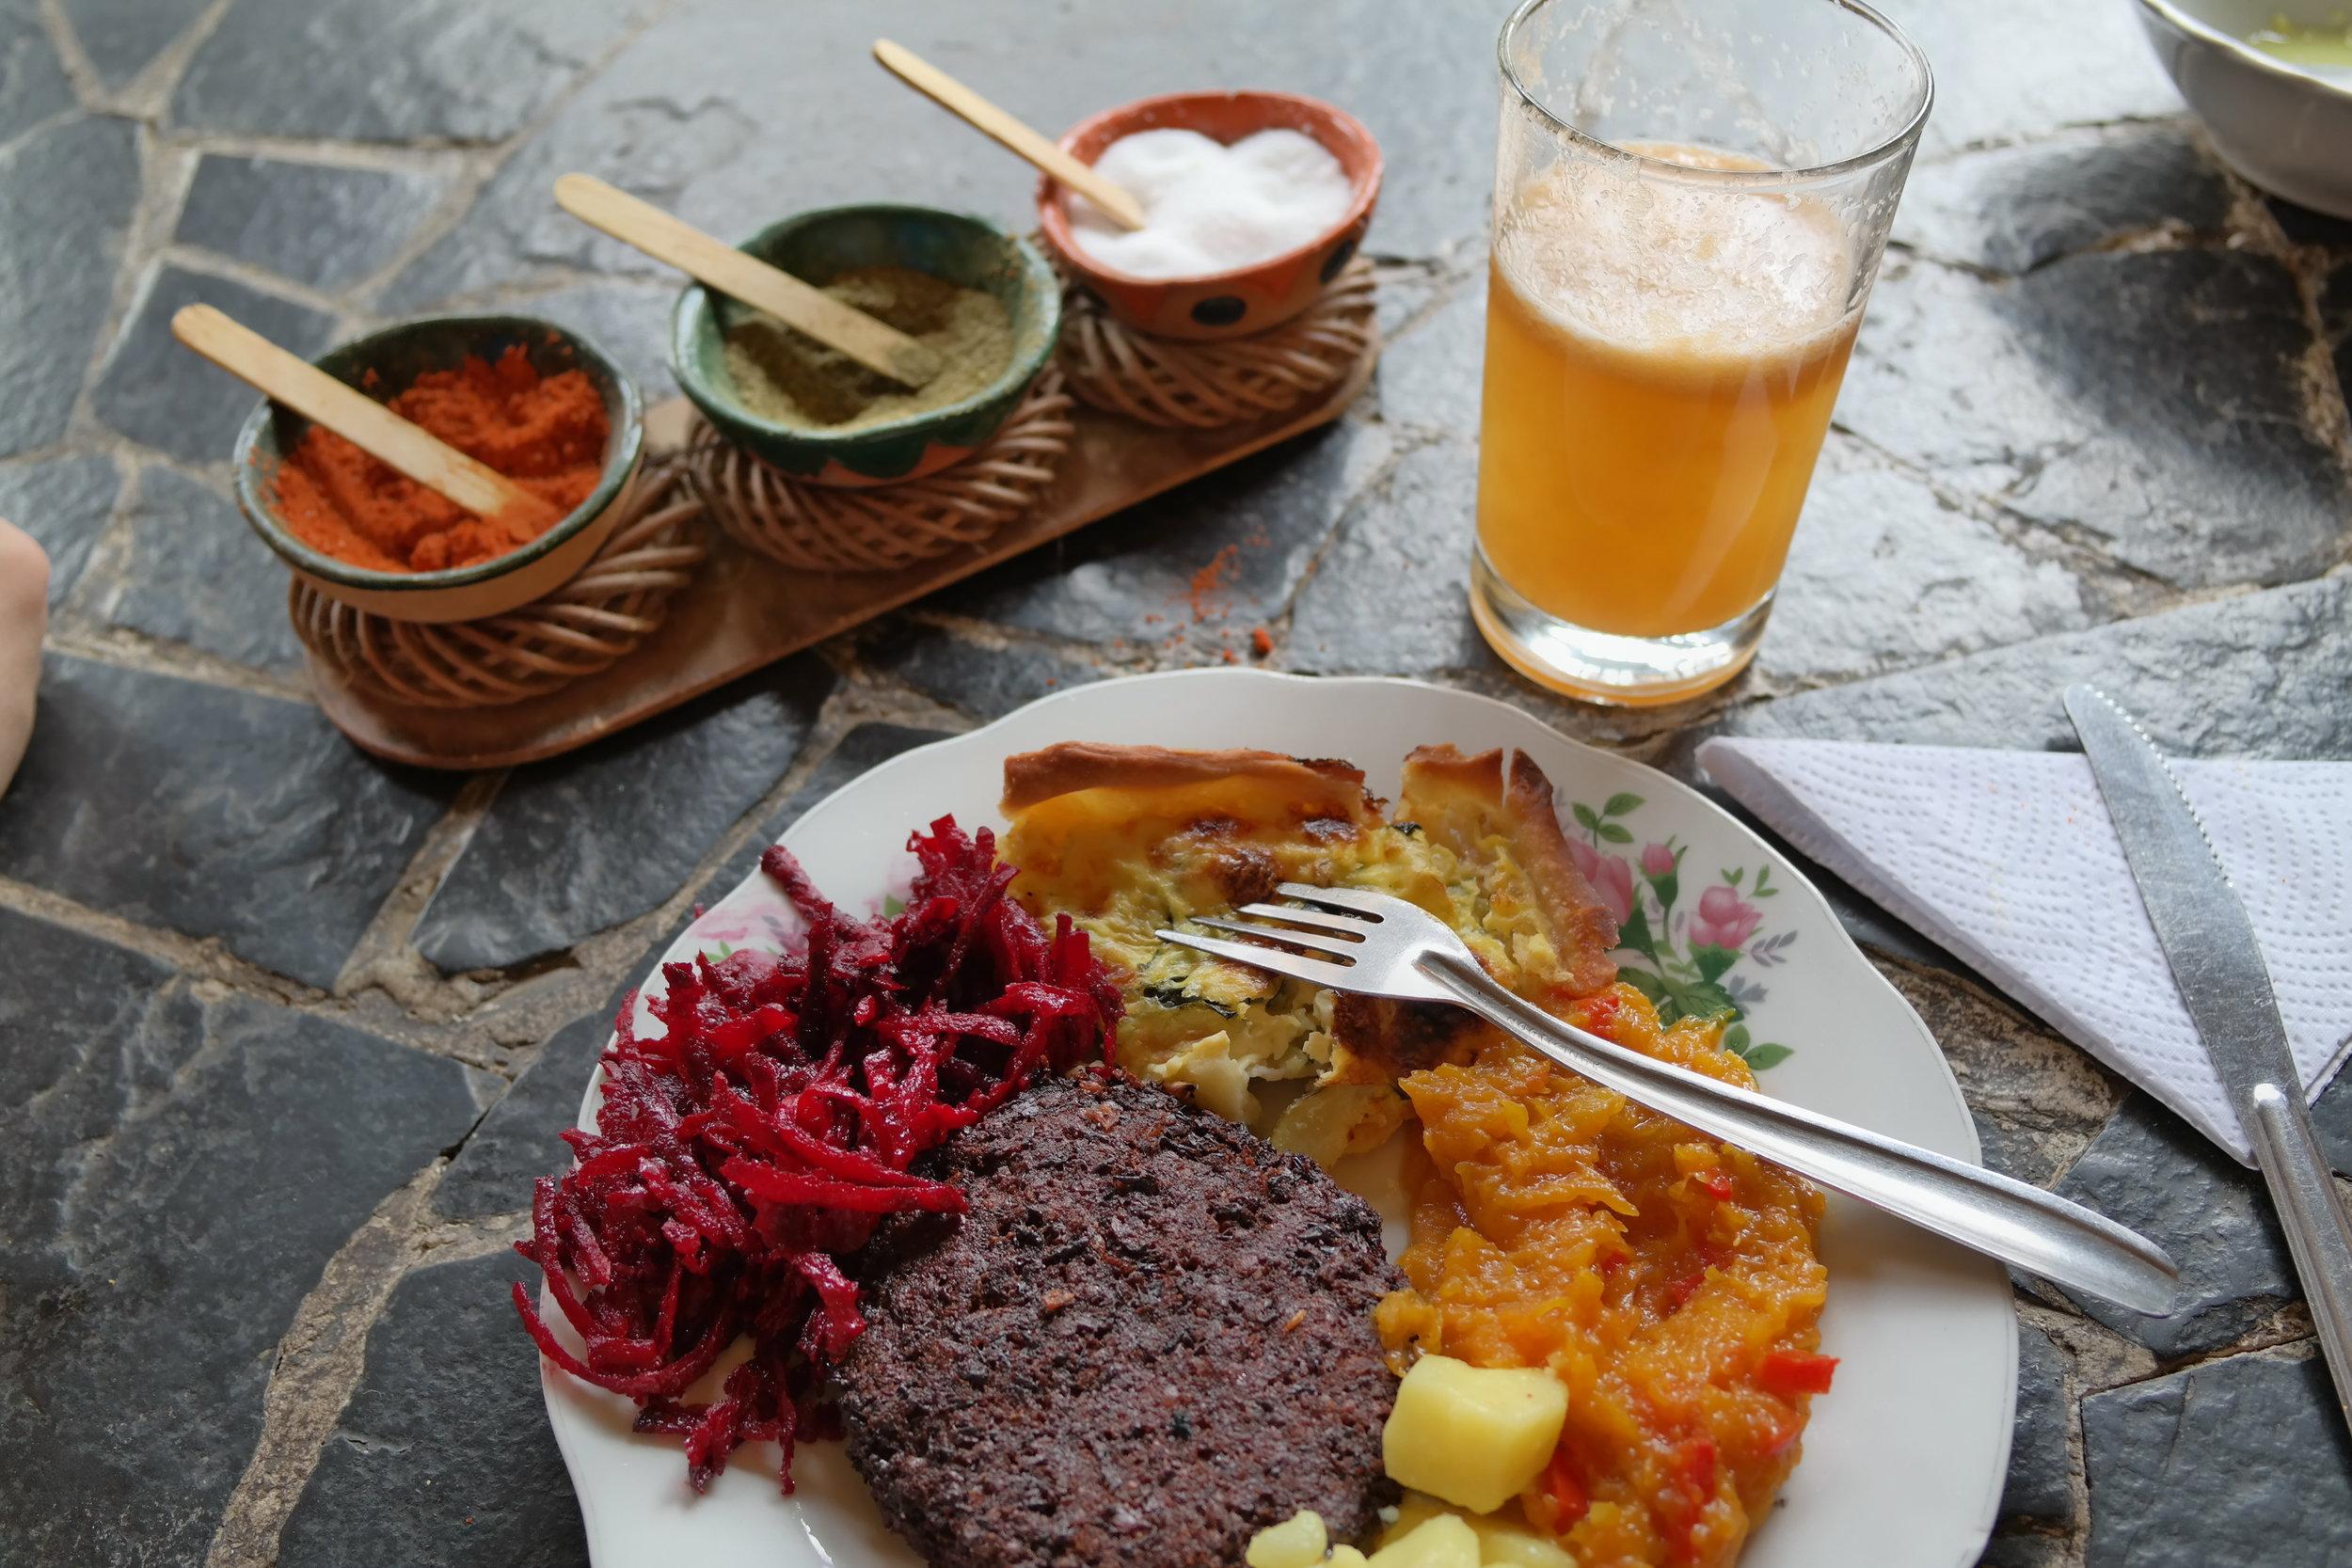 Colombiansk mat rimmar inte alltid väl med vegetarisk, men... plötsligt händer det. Här i San Agustín.